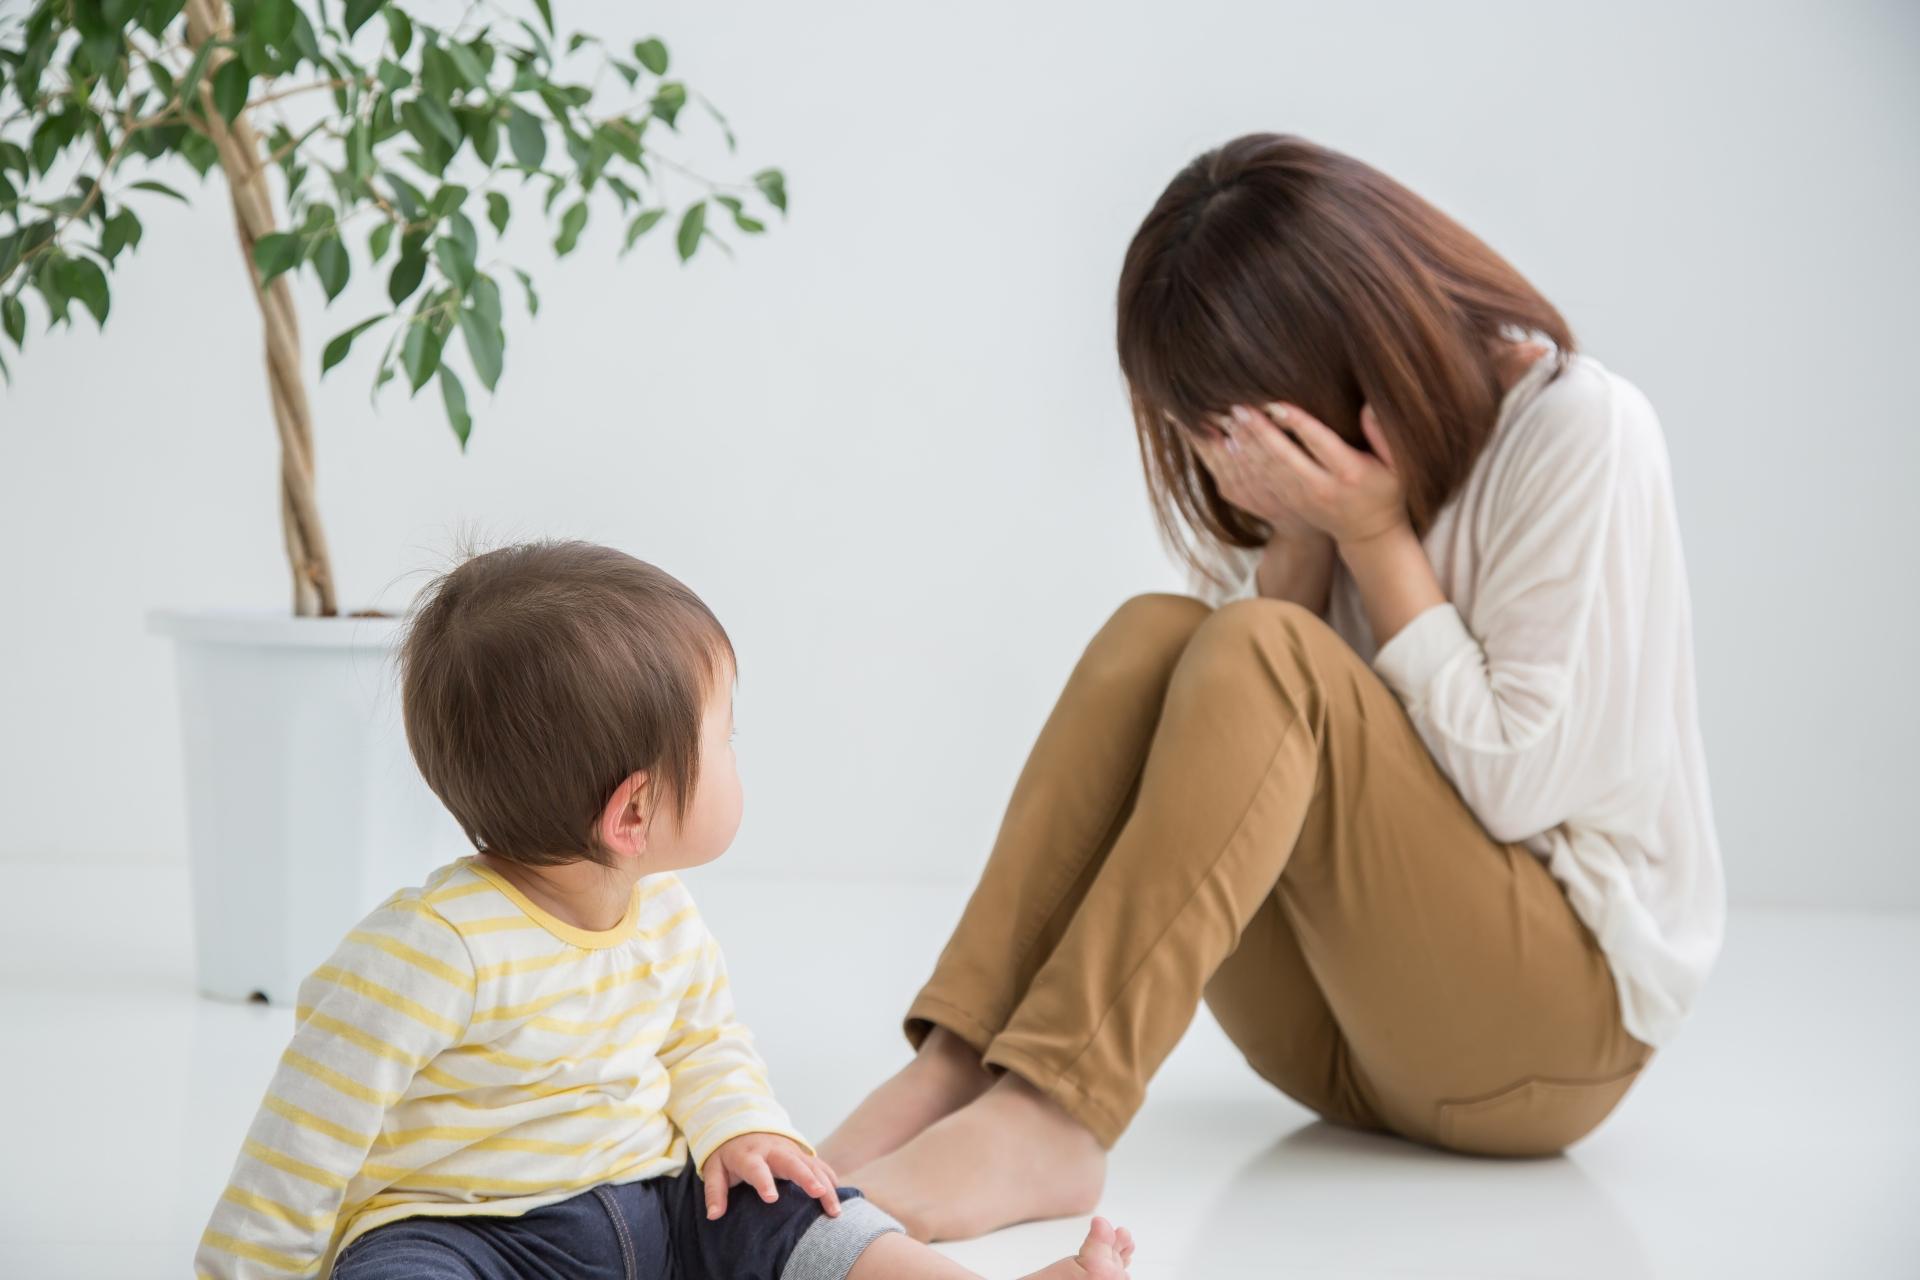 育児ノイローゼにならないためにできることと、なりやすい人の特徴。